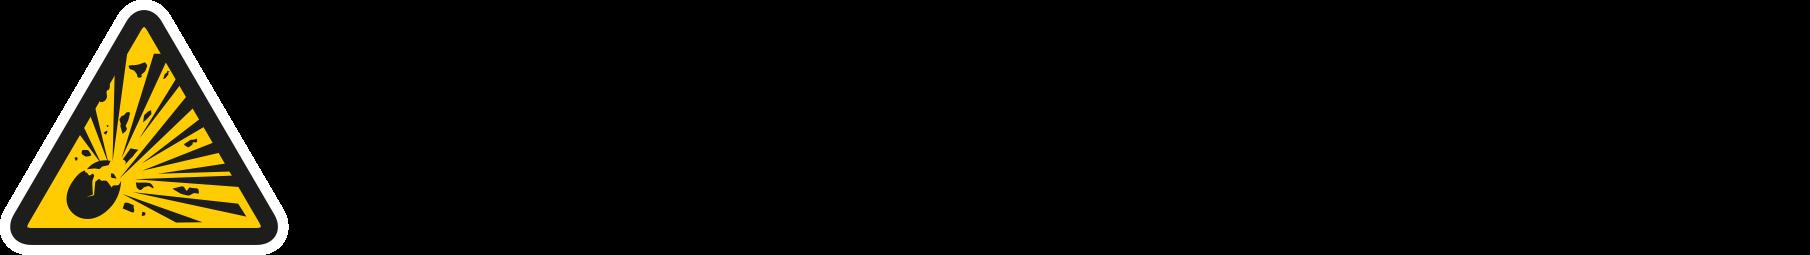 Logoexplosiveegg